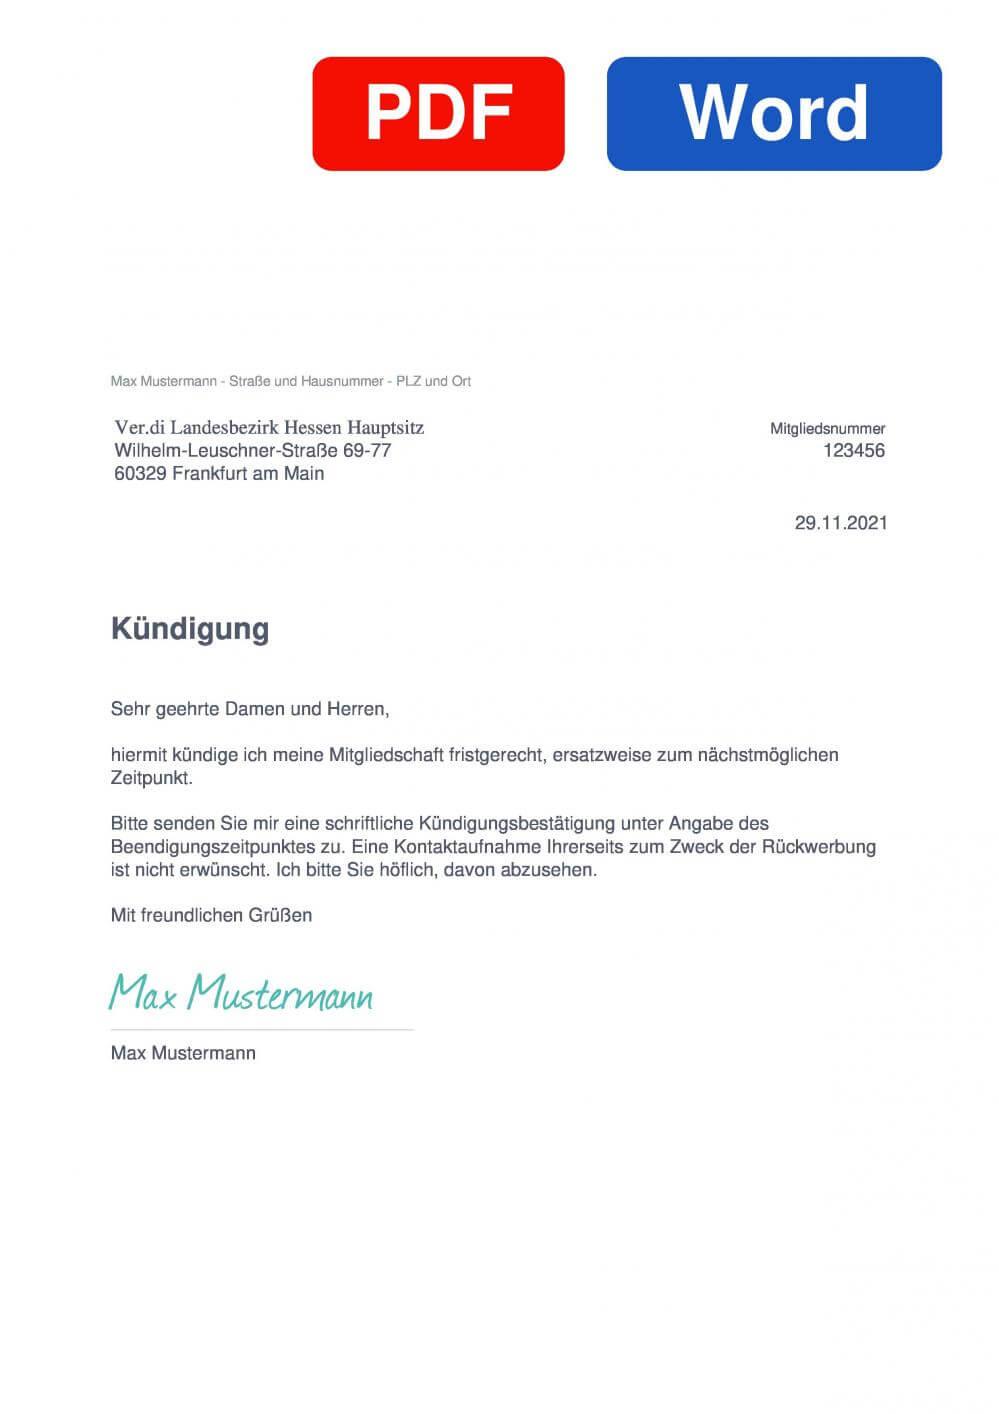 Verdi Landesbezirk Hessen Muster Vorlage für Kündigungsschreiben